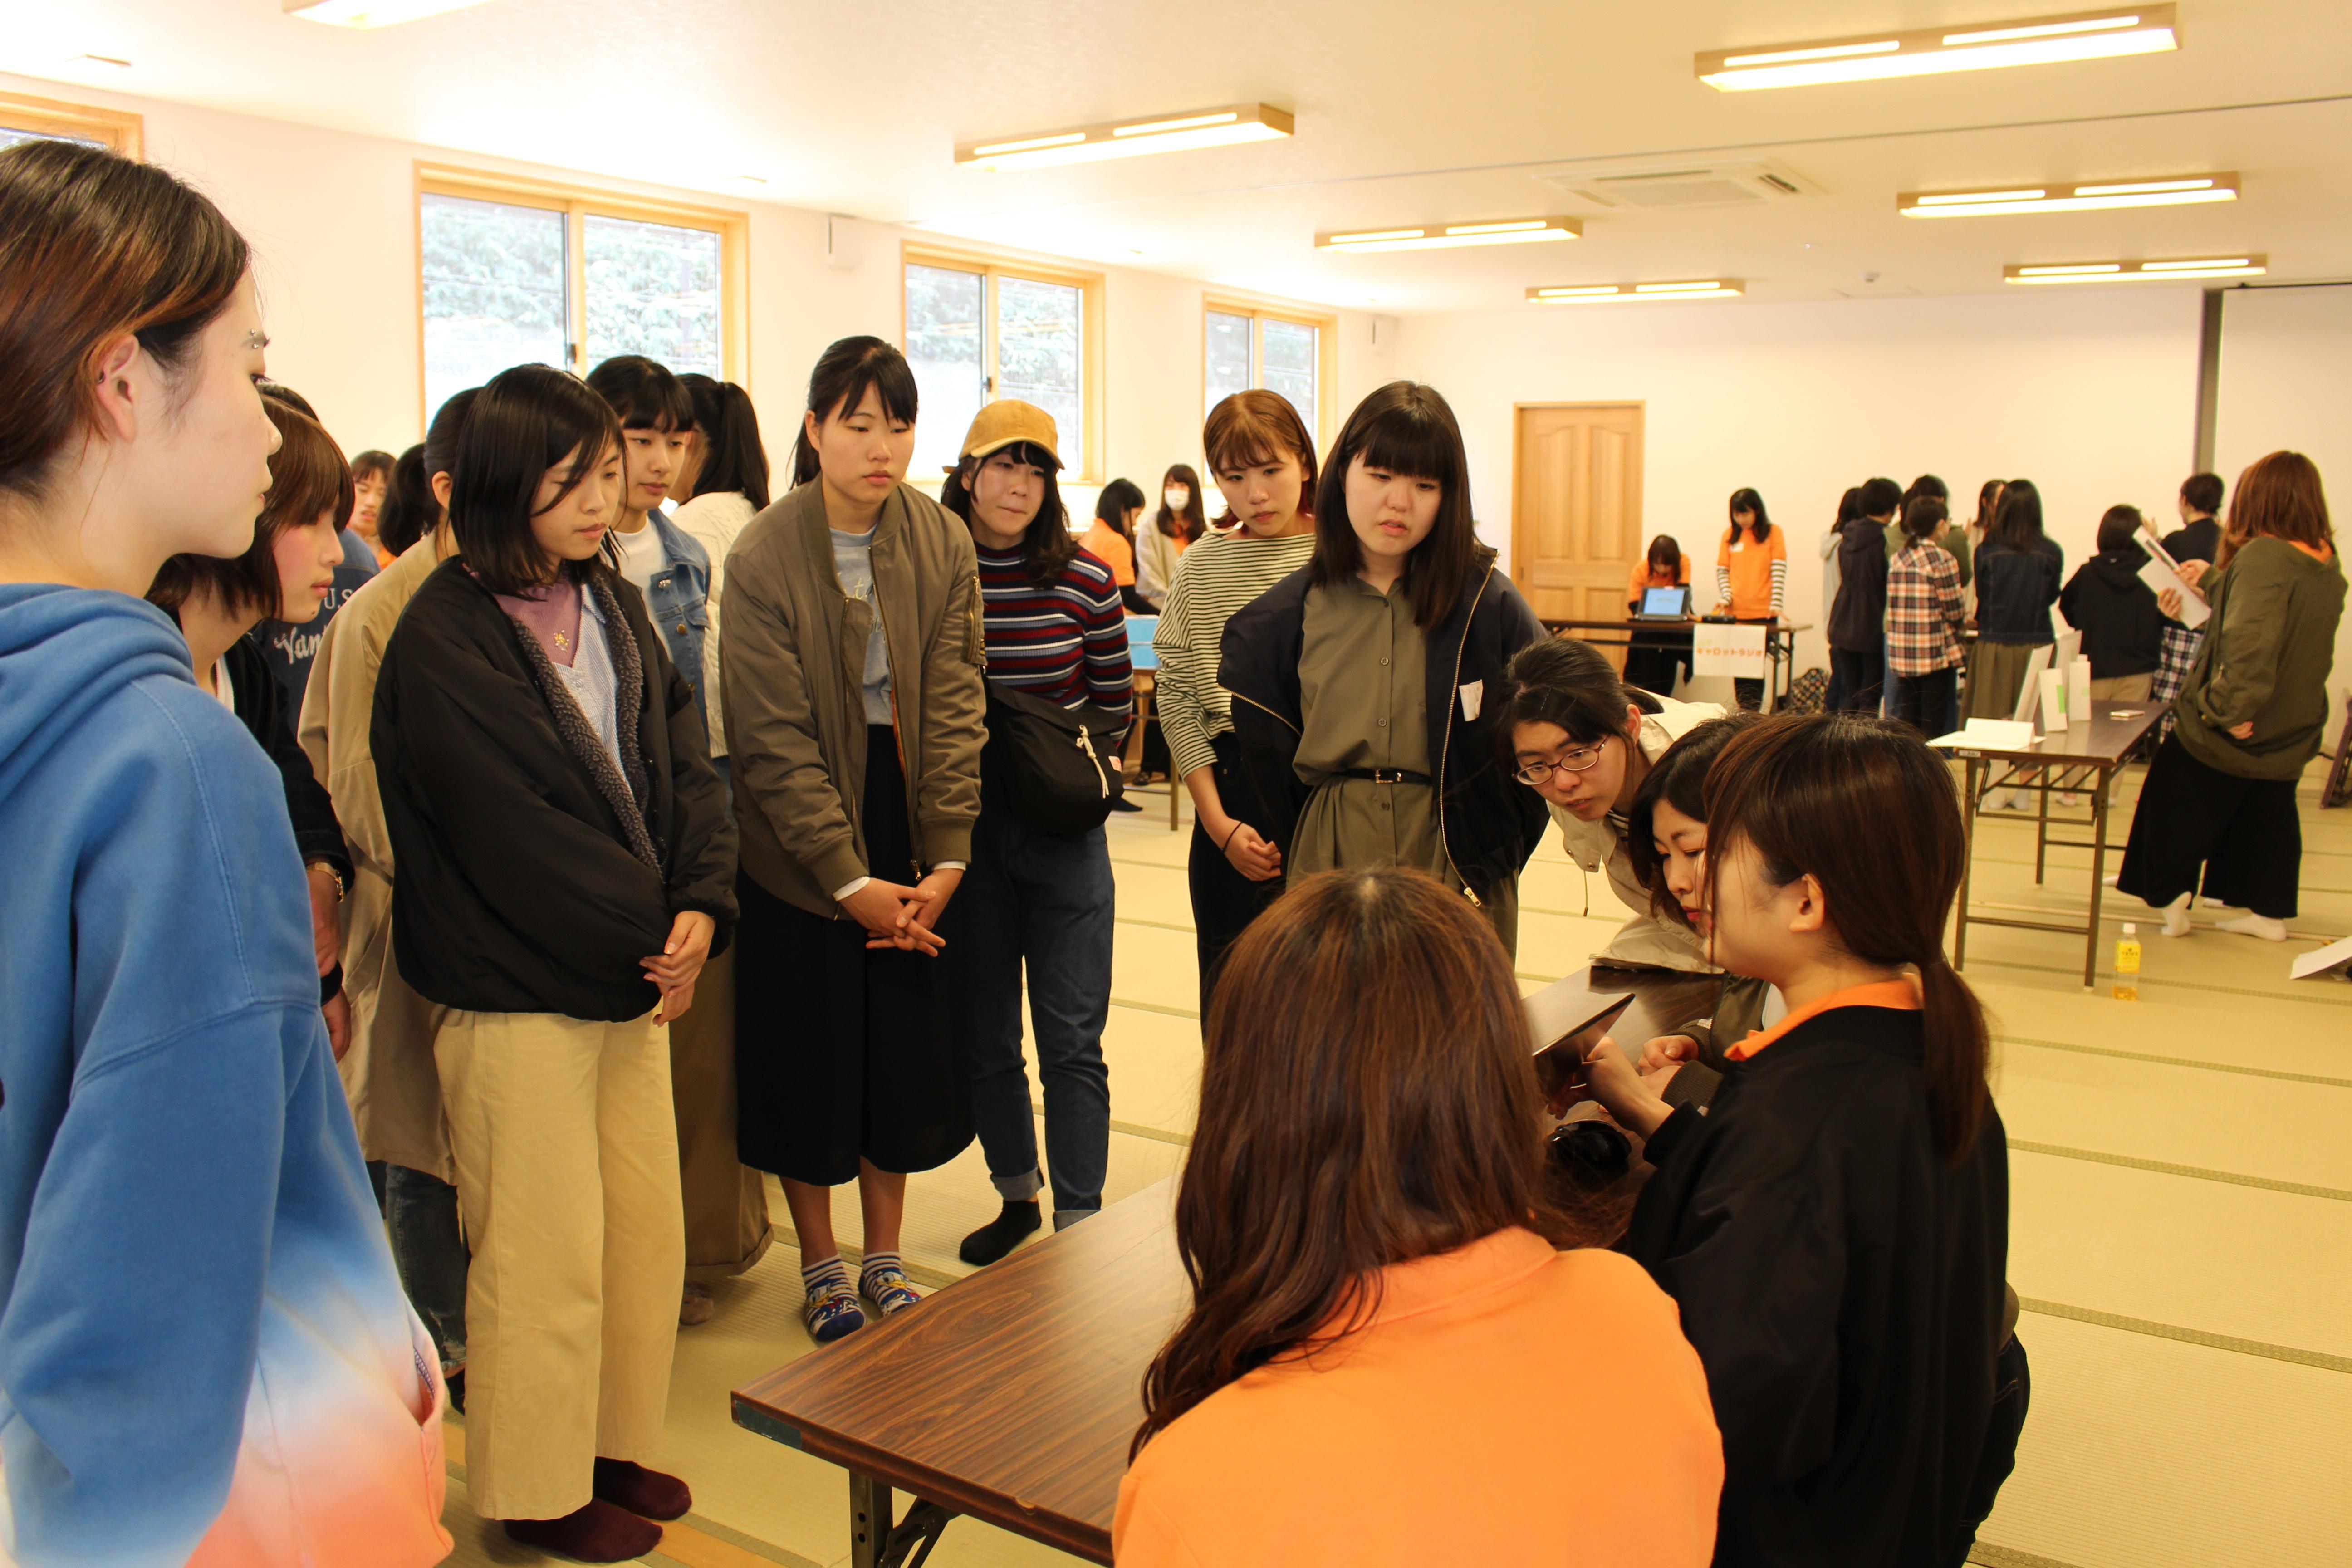 どのブースも大盛況で、先輩女子学生たちも説明に力が入ります。